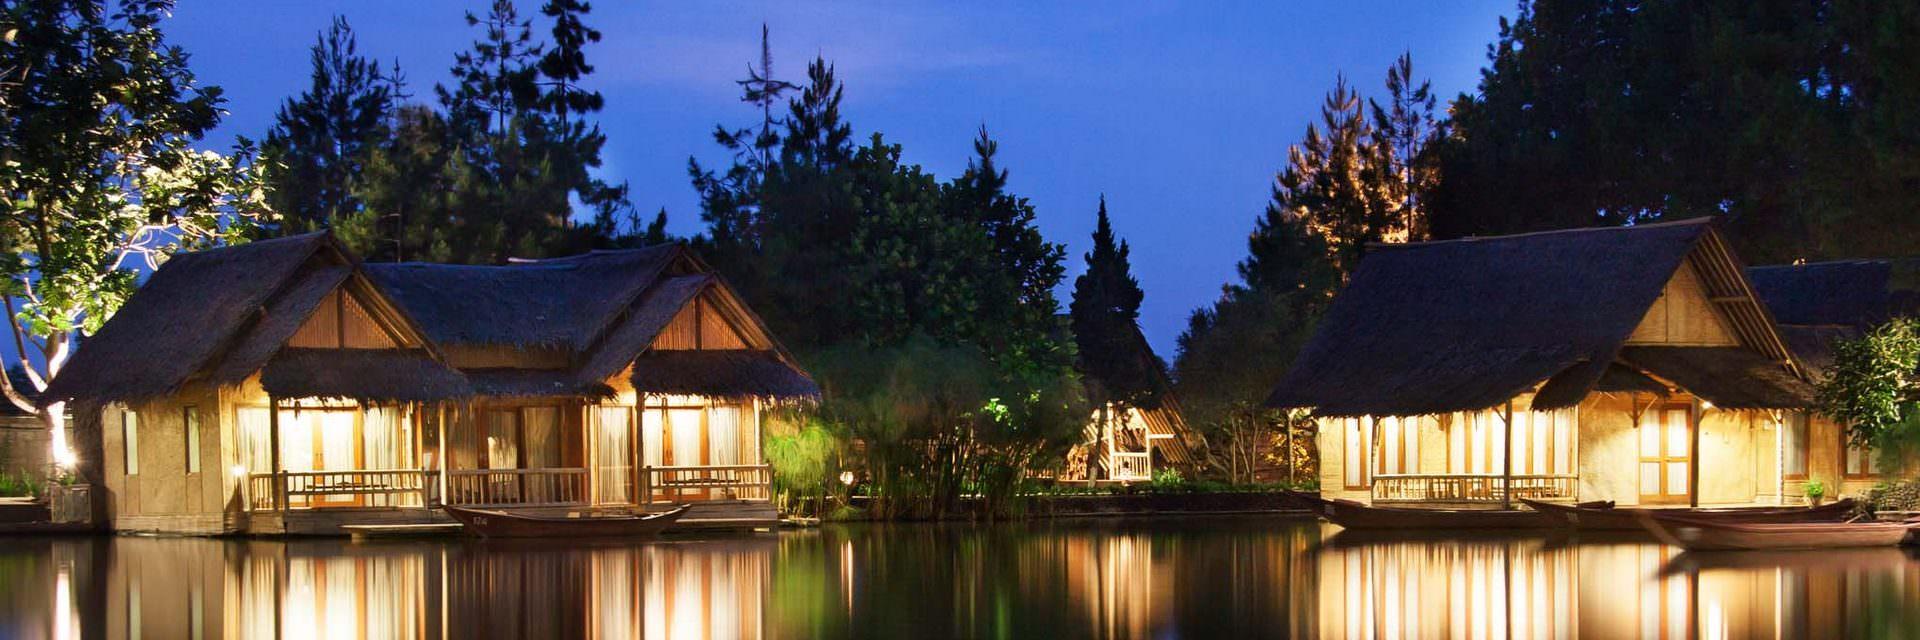 11 Wisata Terbaik di Garut 11 Wisata Terbaik di Garut - Dolan Dolen